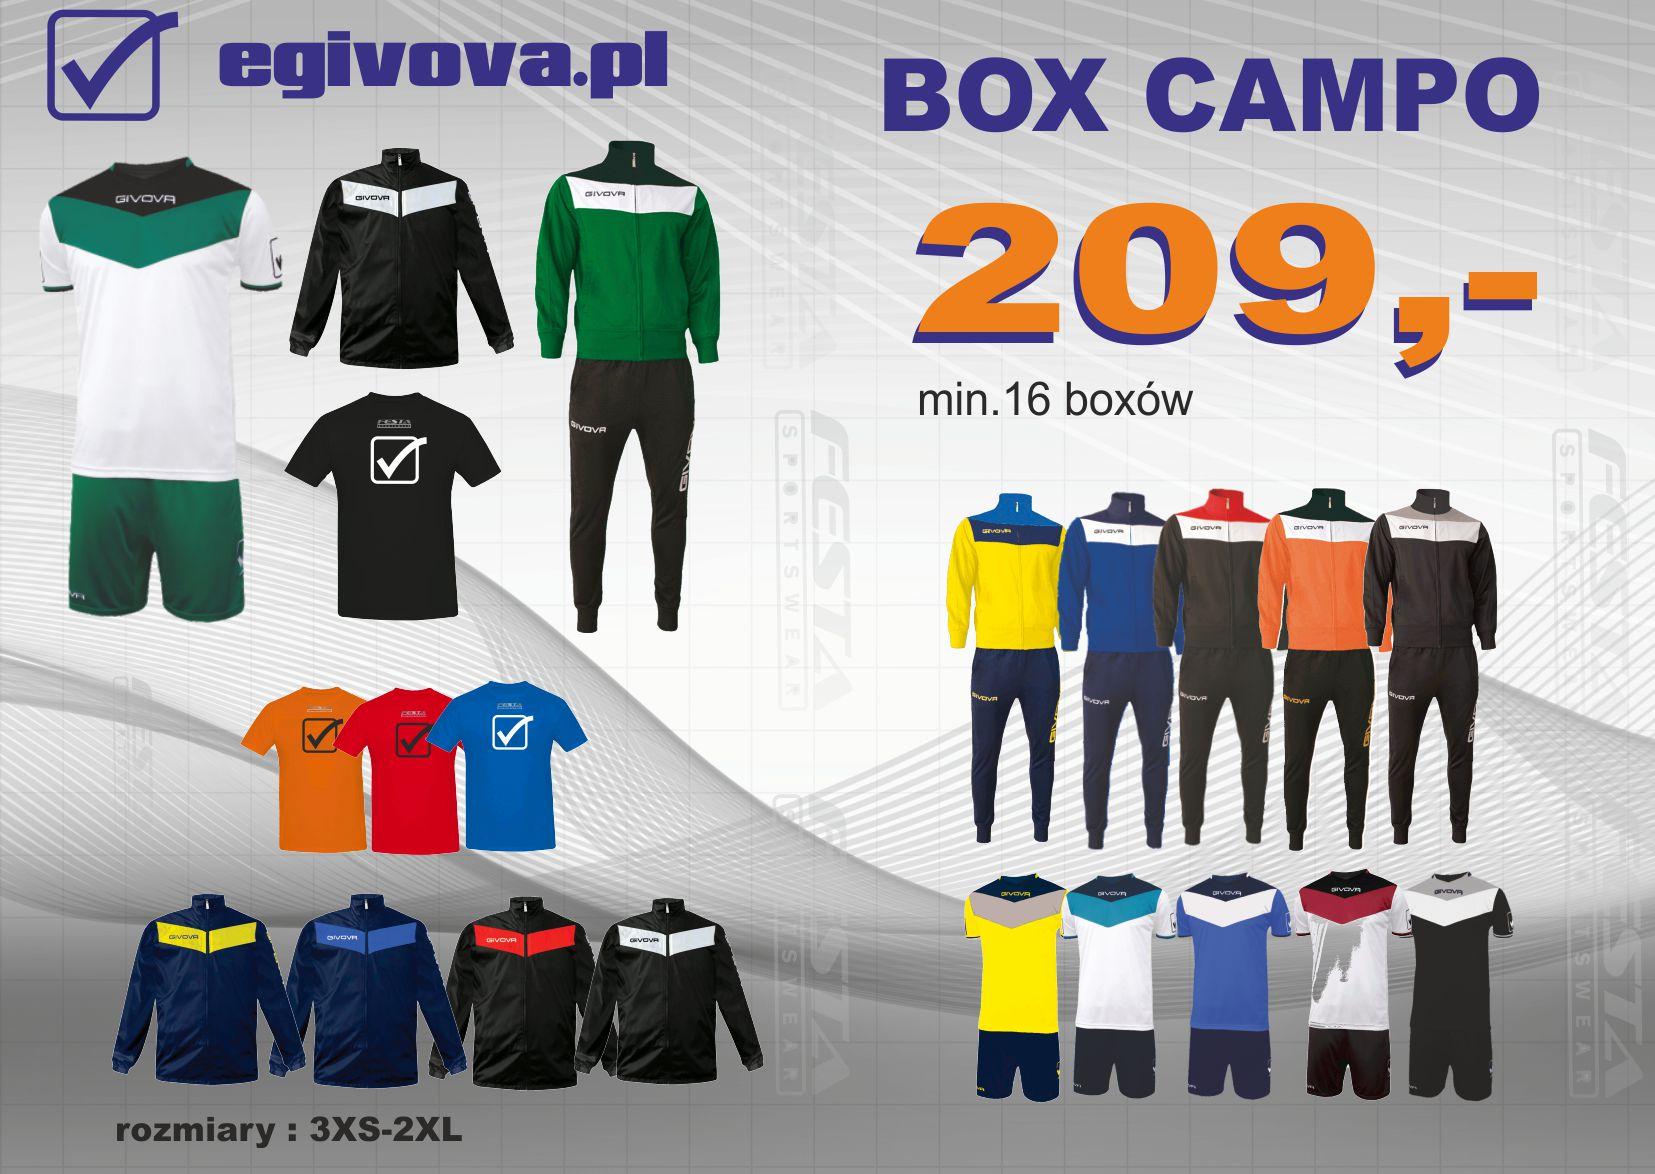 BOX CAMPO GIVOVA